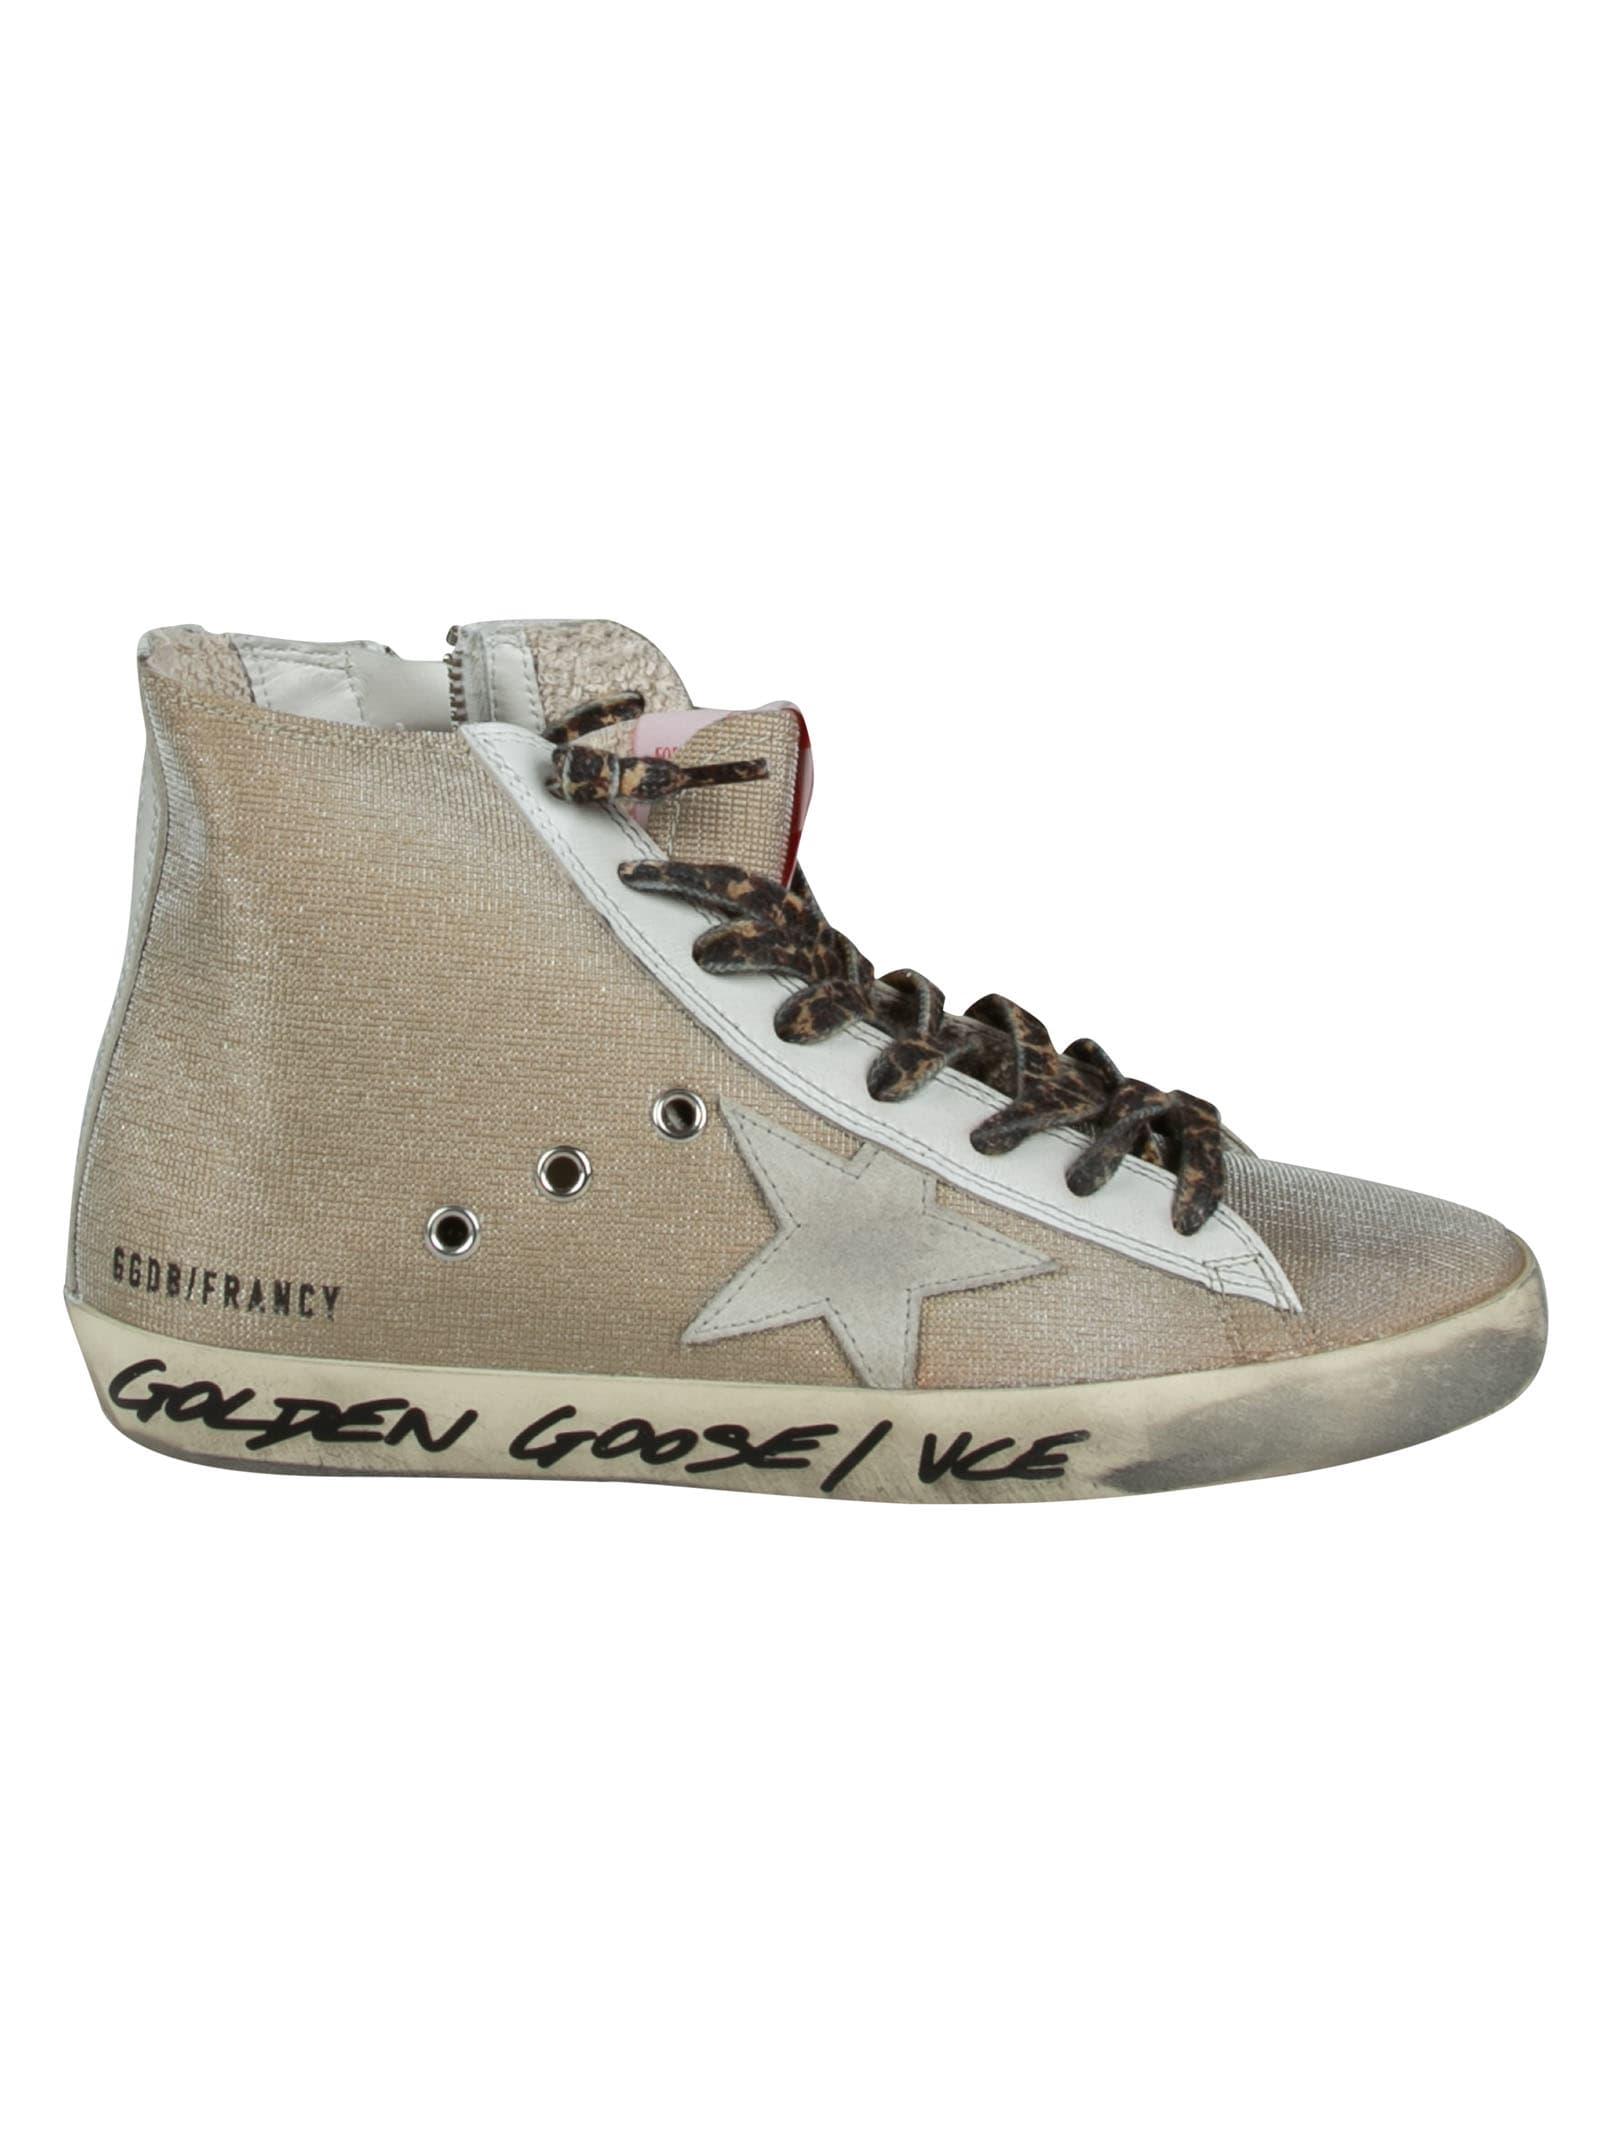 Golden Goose Classic Francy Sneakers